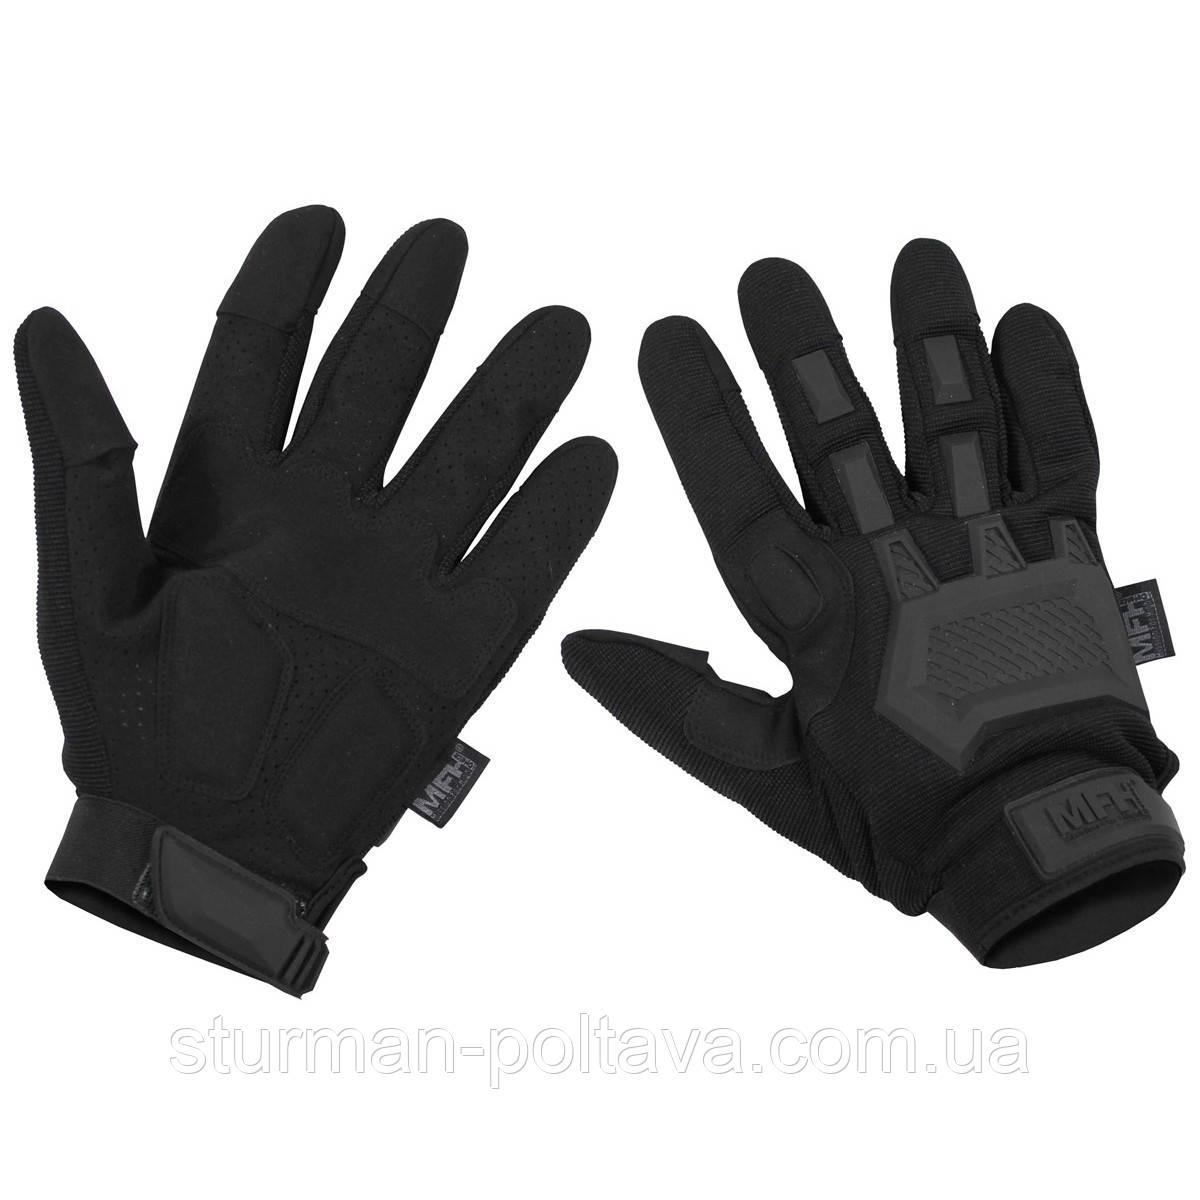 Перчатки армейские  тактические  ACTION , цвет черный  с защиными накладками  MFH (Германия)